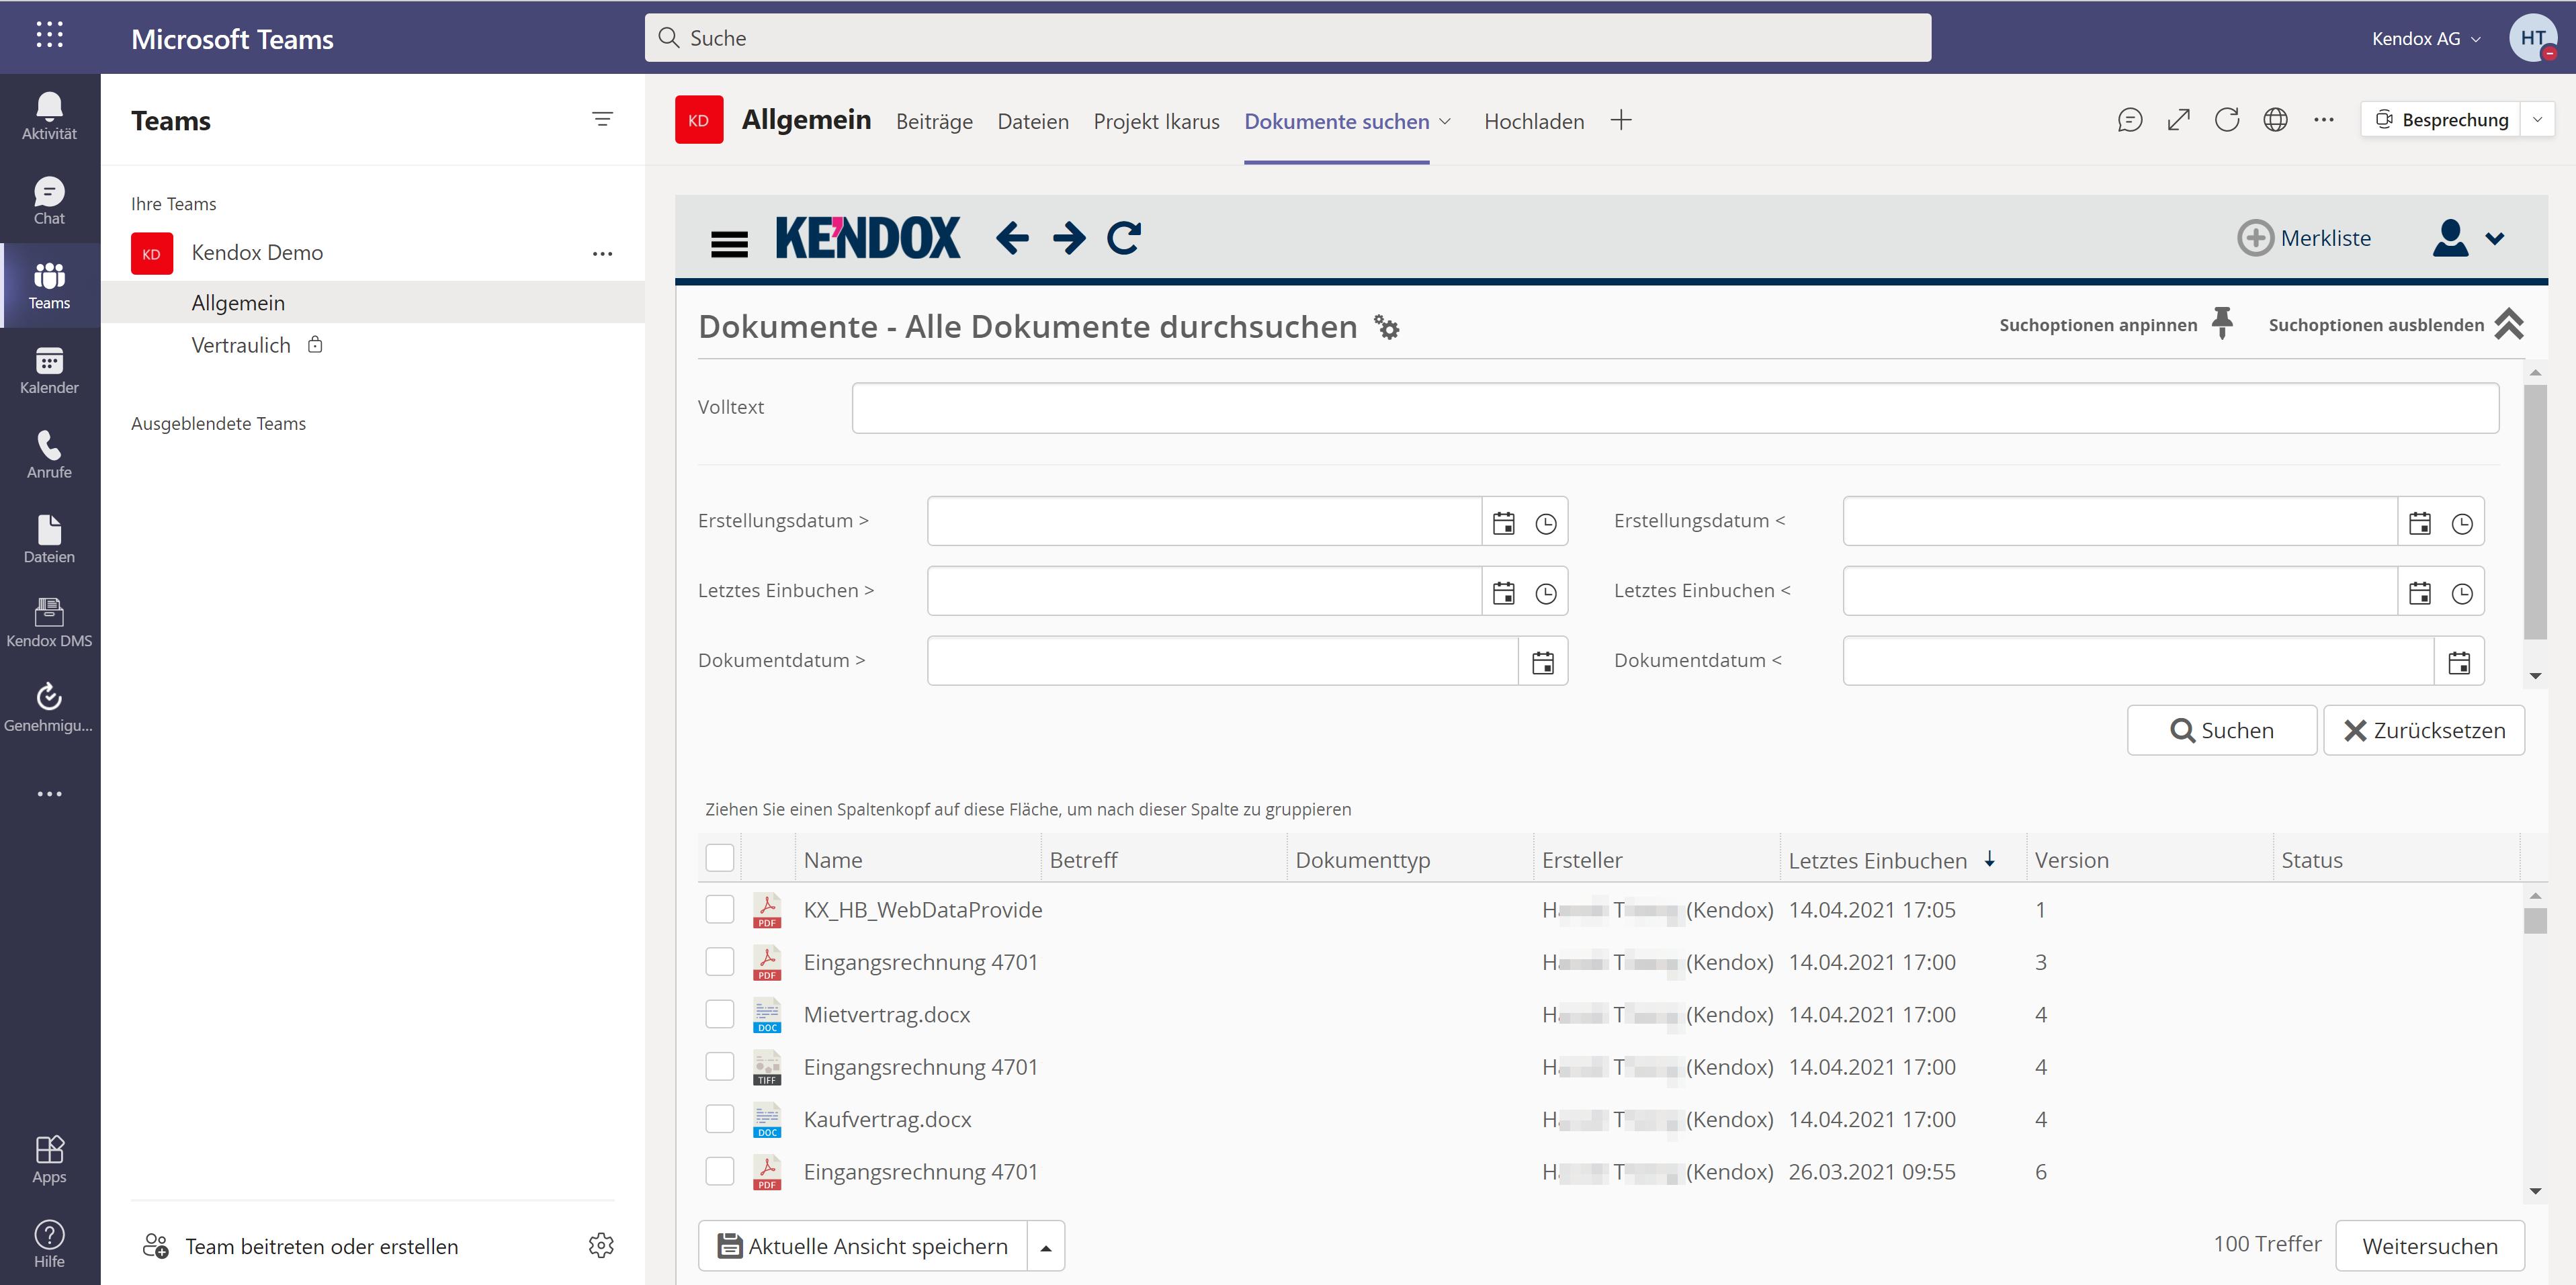 Kendox Dokumentensuche in MS Teams